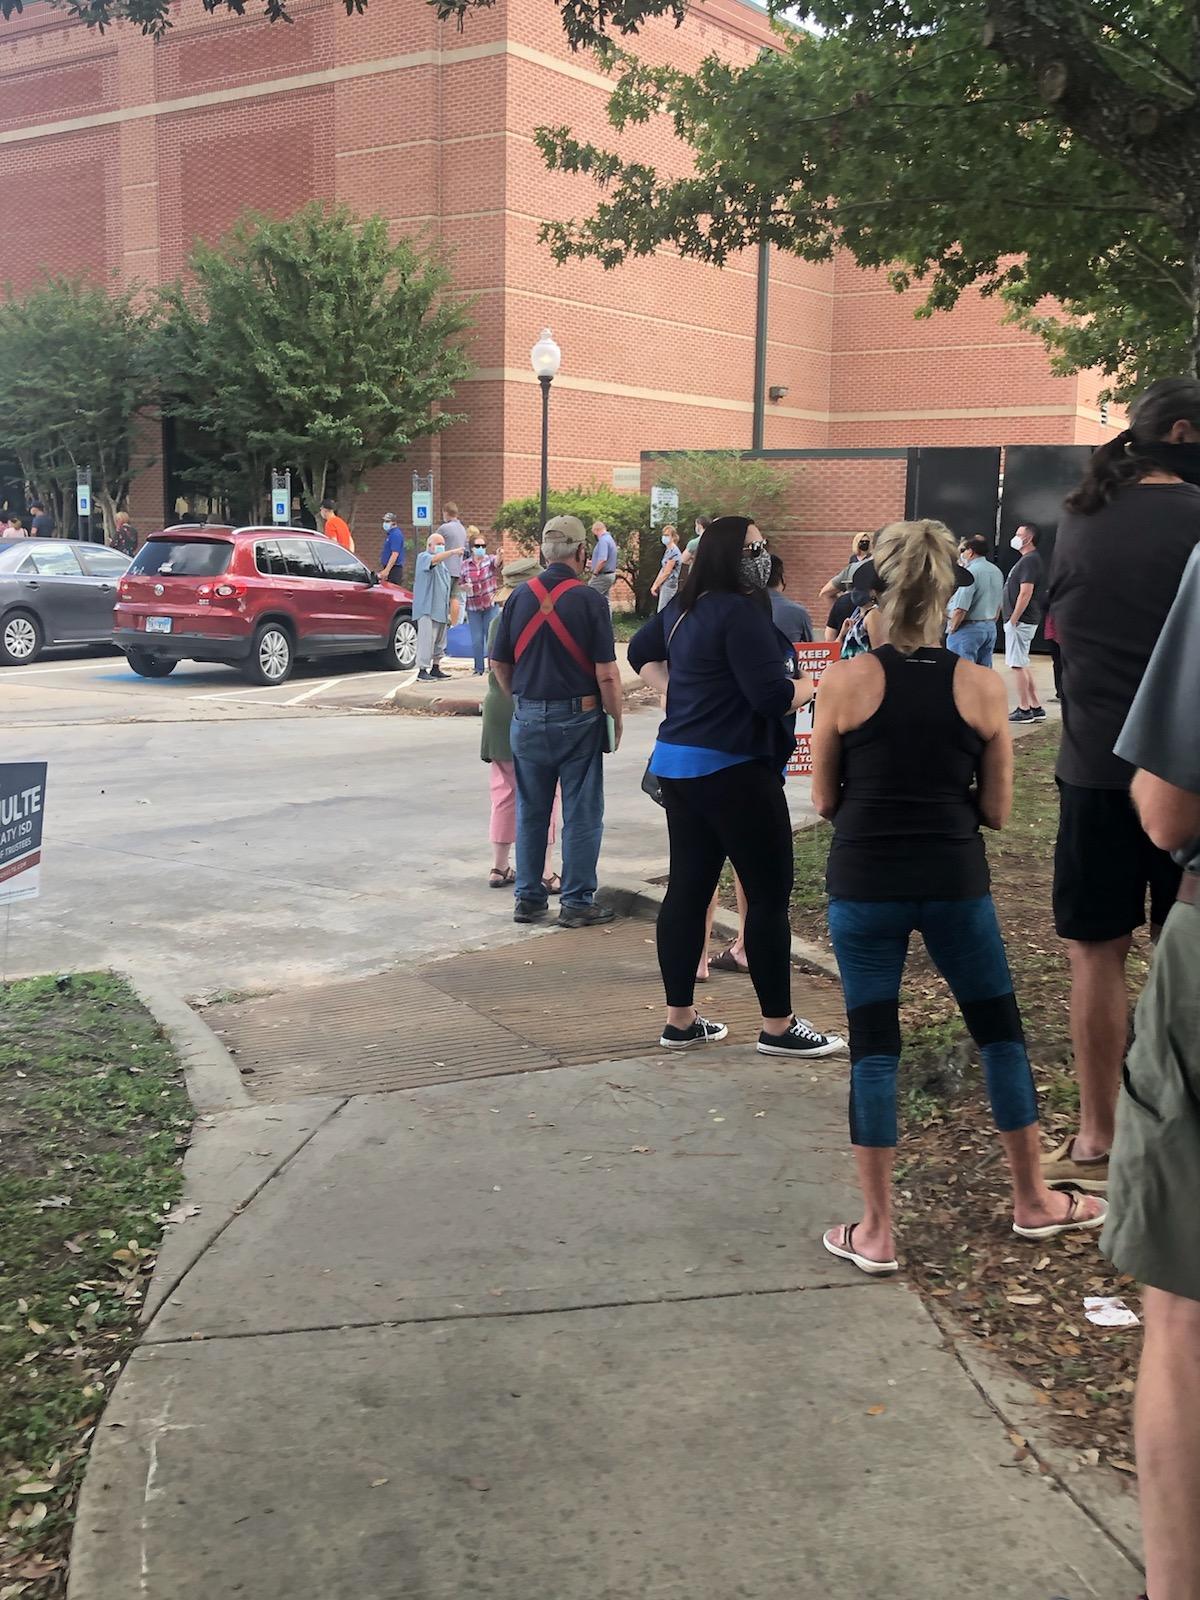 fila para votar en un condado de Texas. Foto: Maiana Pineda.